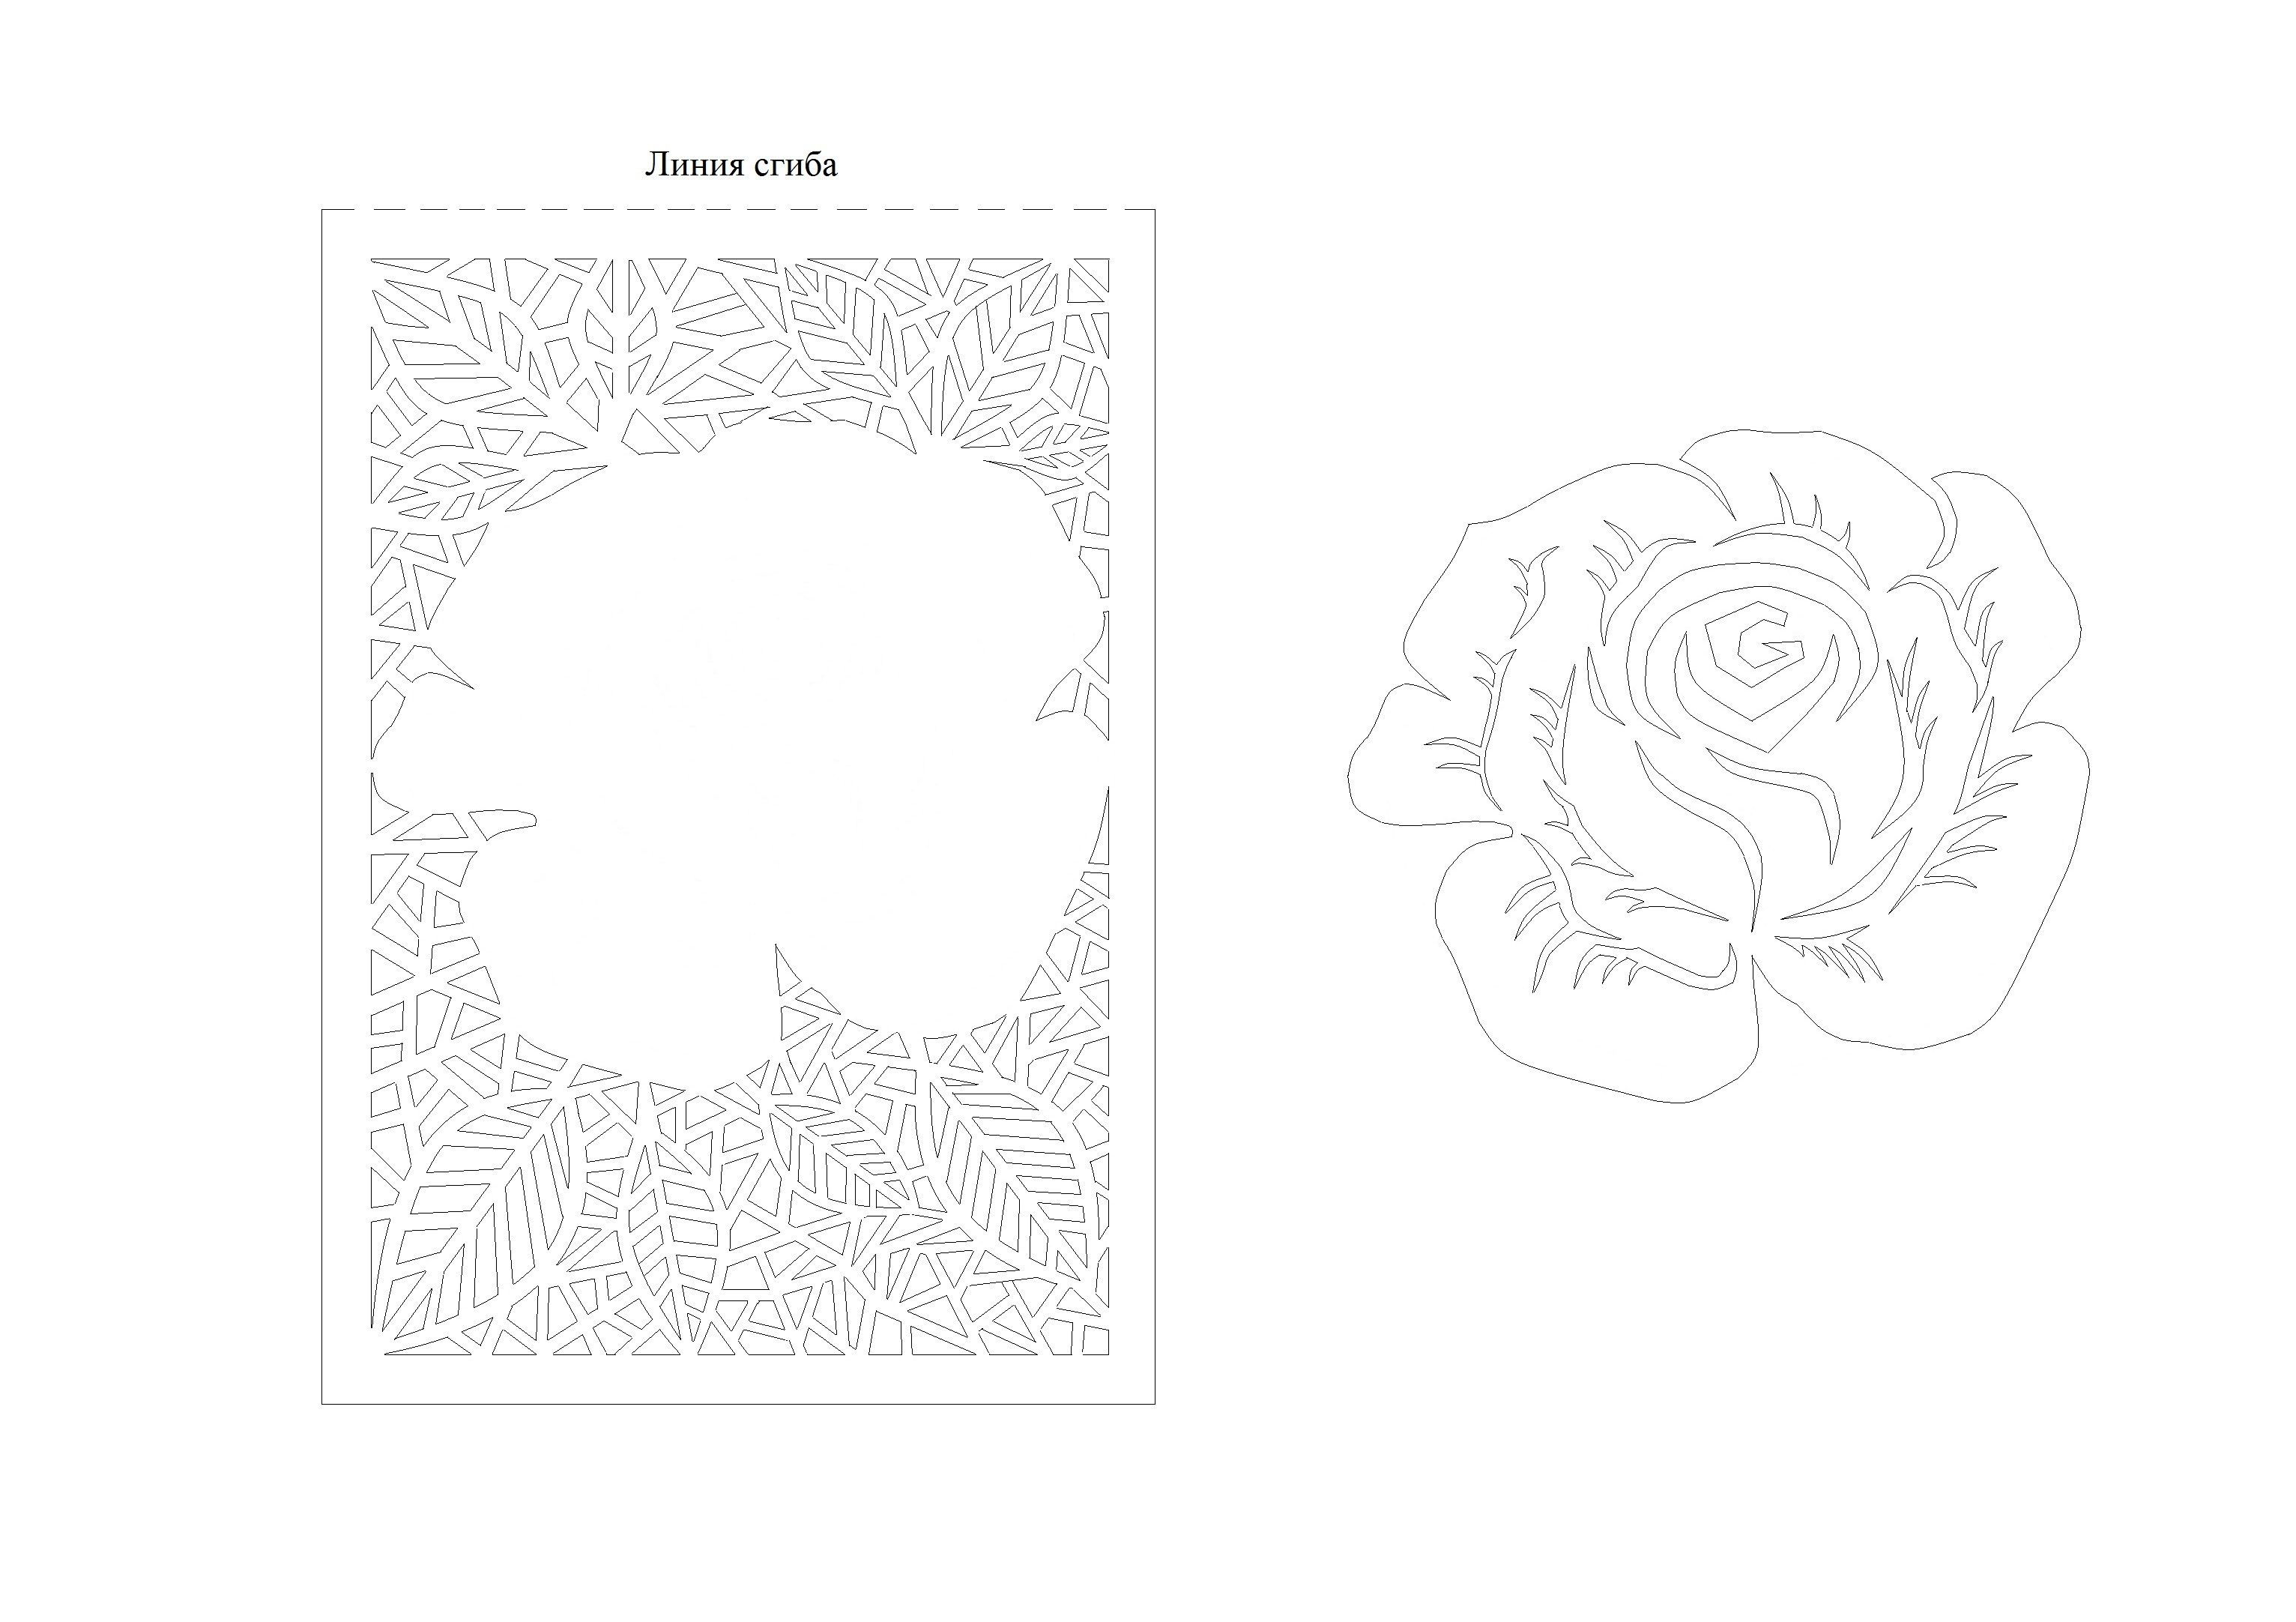 открытки вырезанные из бумаги цветы и шаблоны к ним стиль стремится изобразить